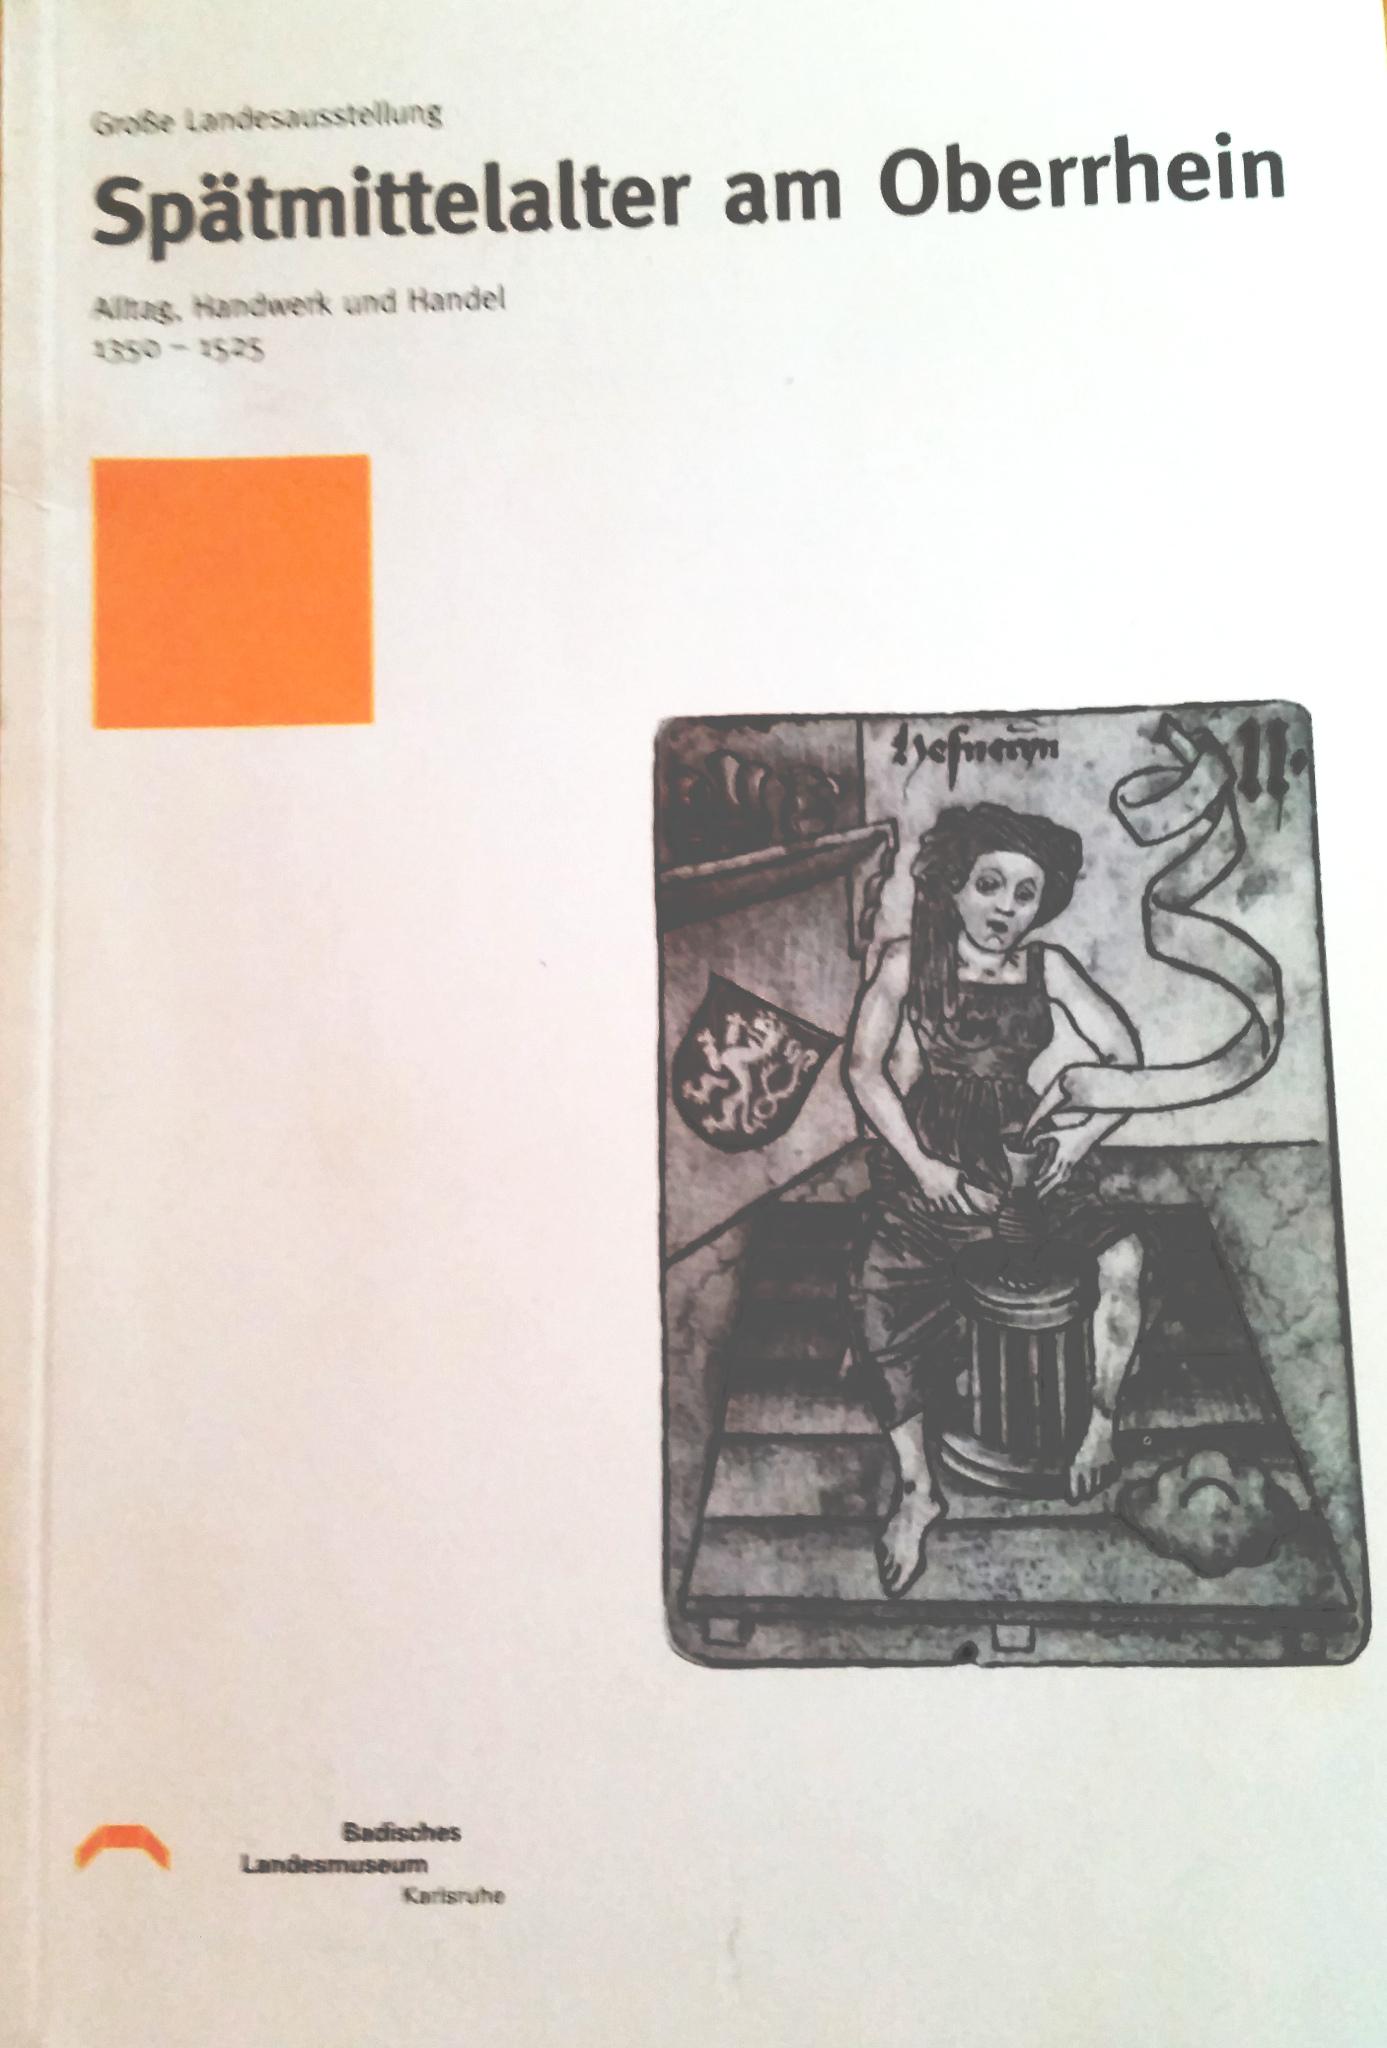 Neu in der Bibliothek: Spätmittelalter am Oberrhein